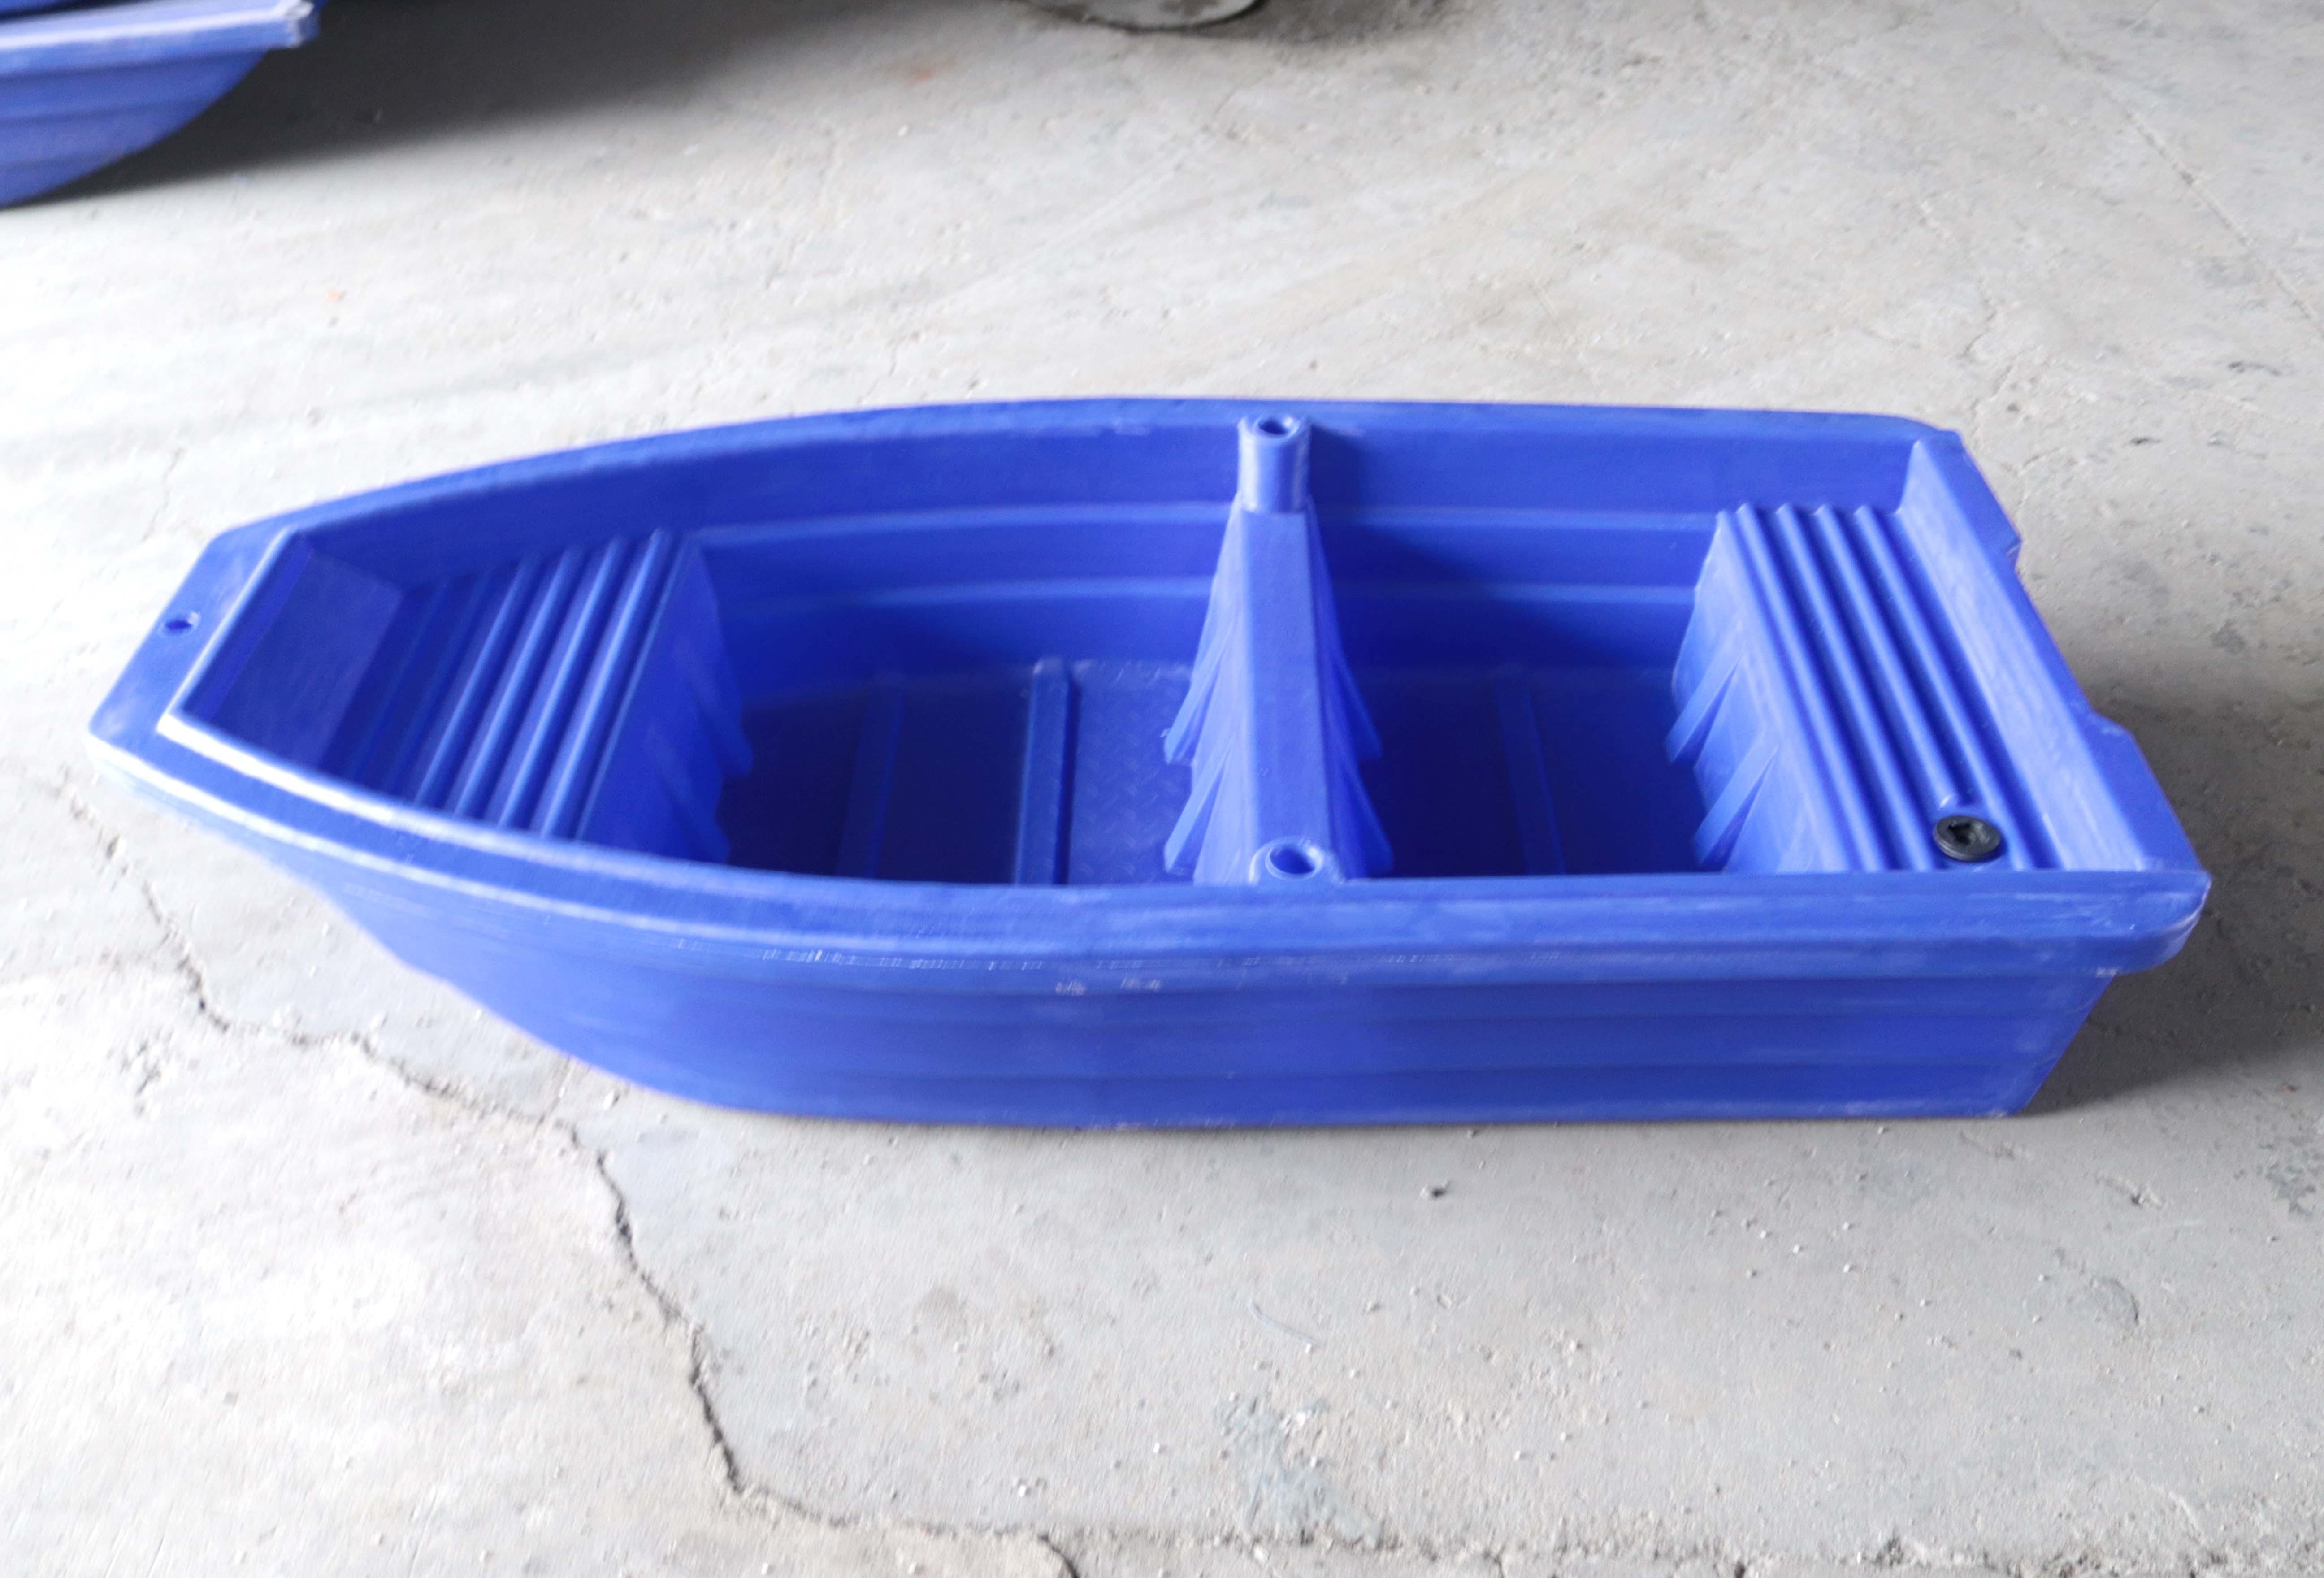 新更图,2米塑料渔船工厂美照!